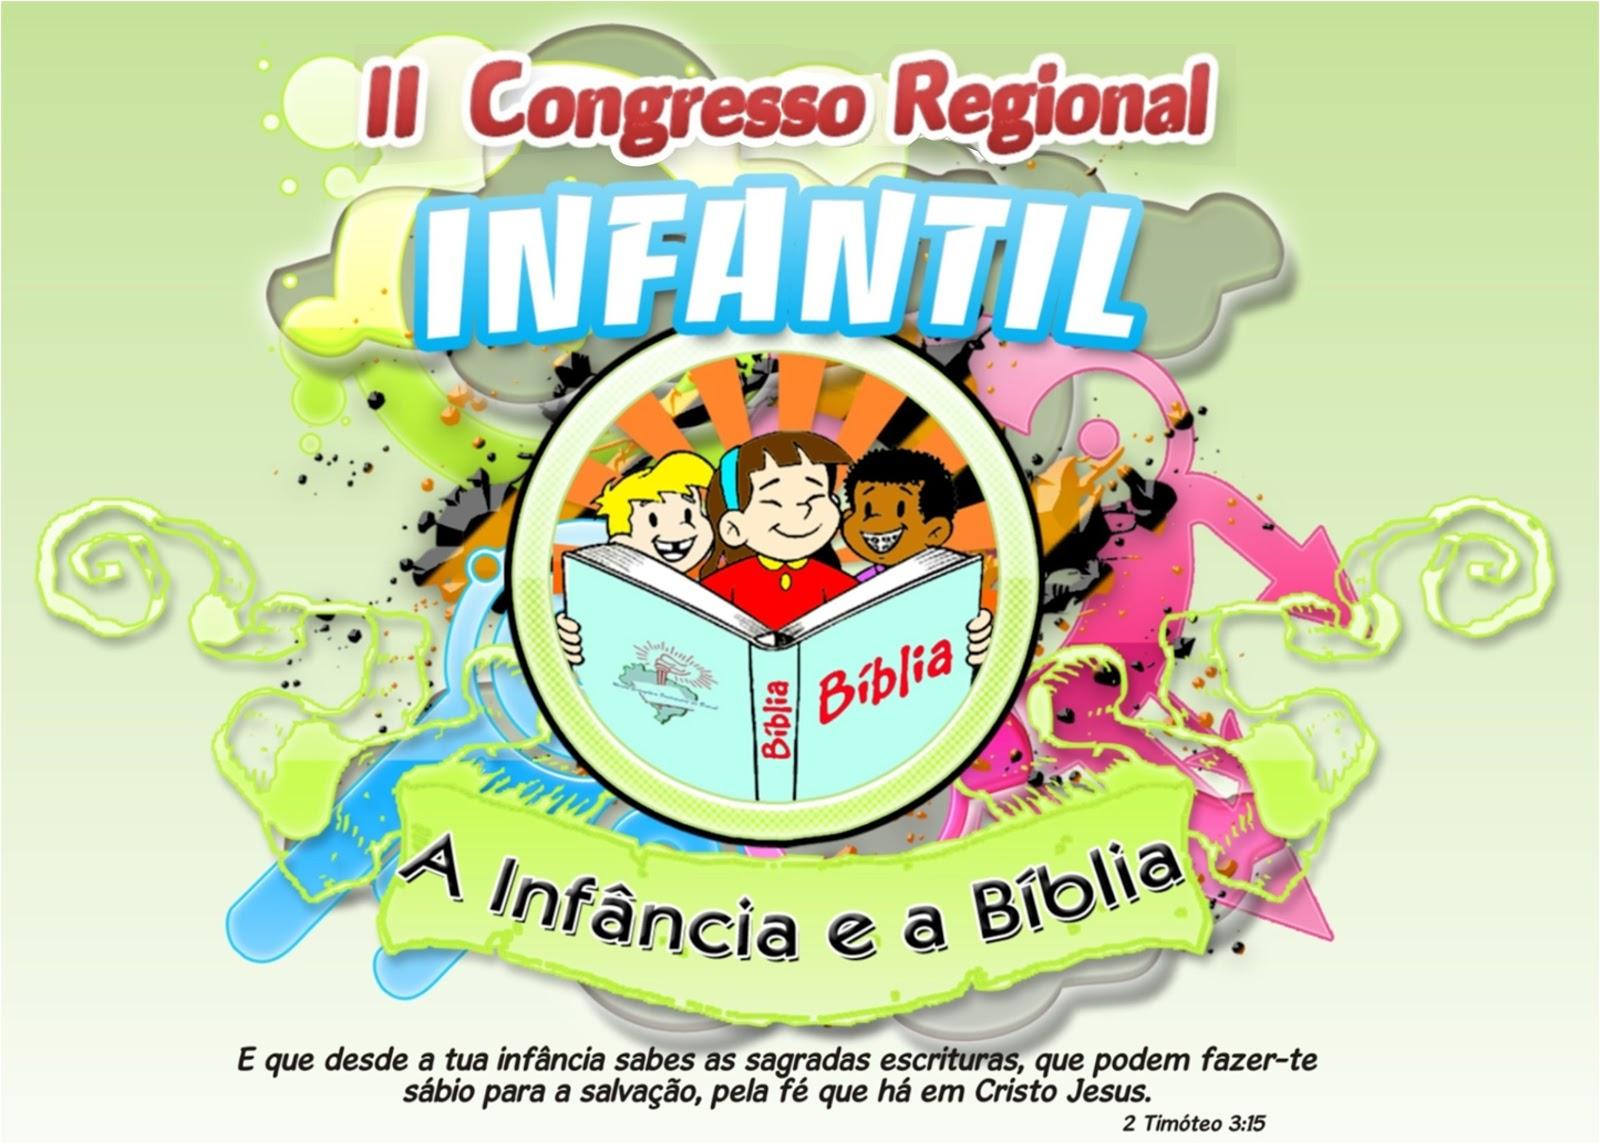 infantil regional: